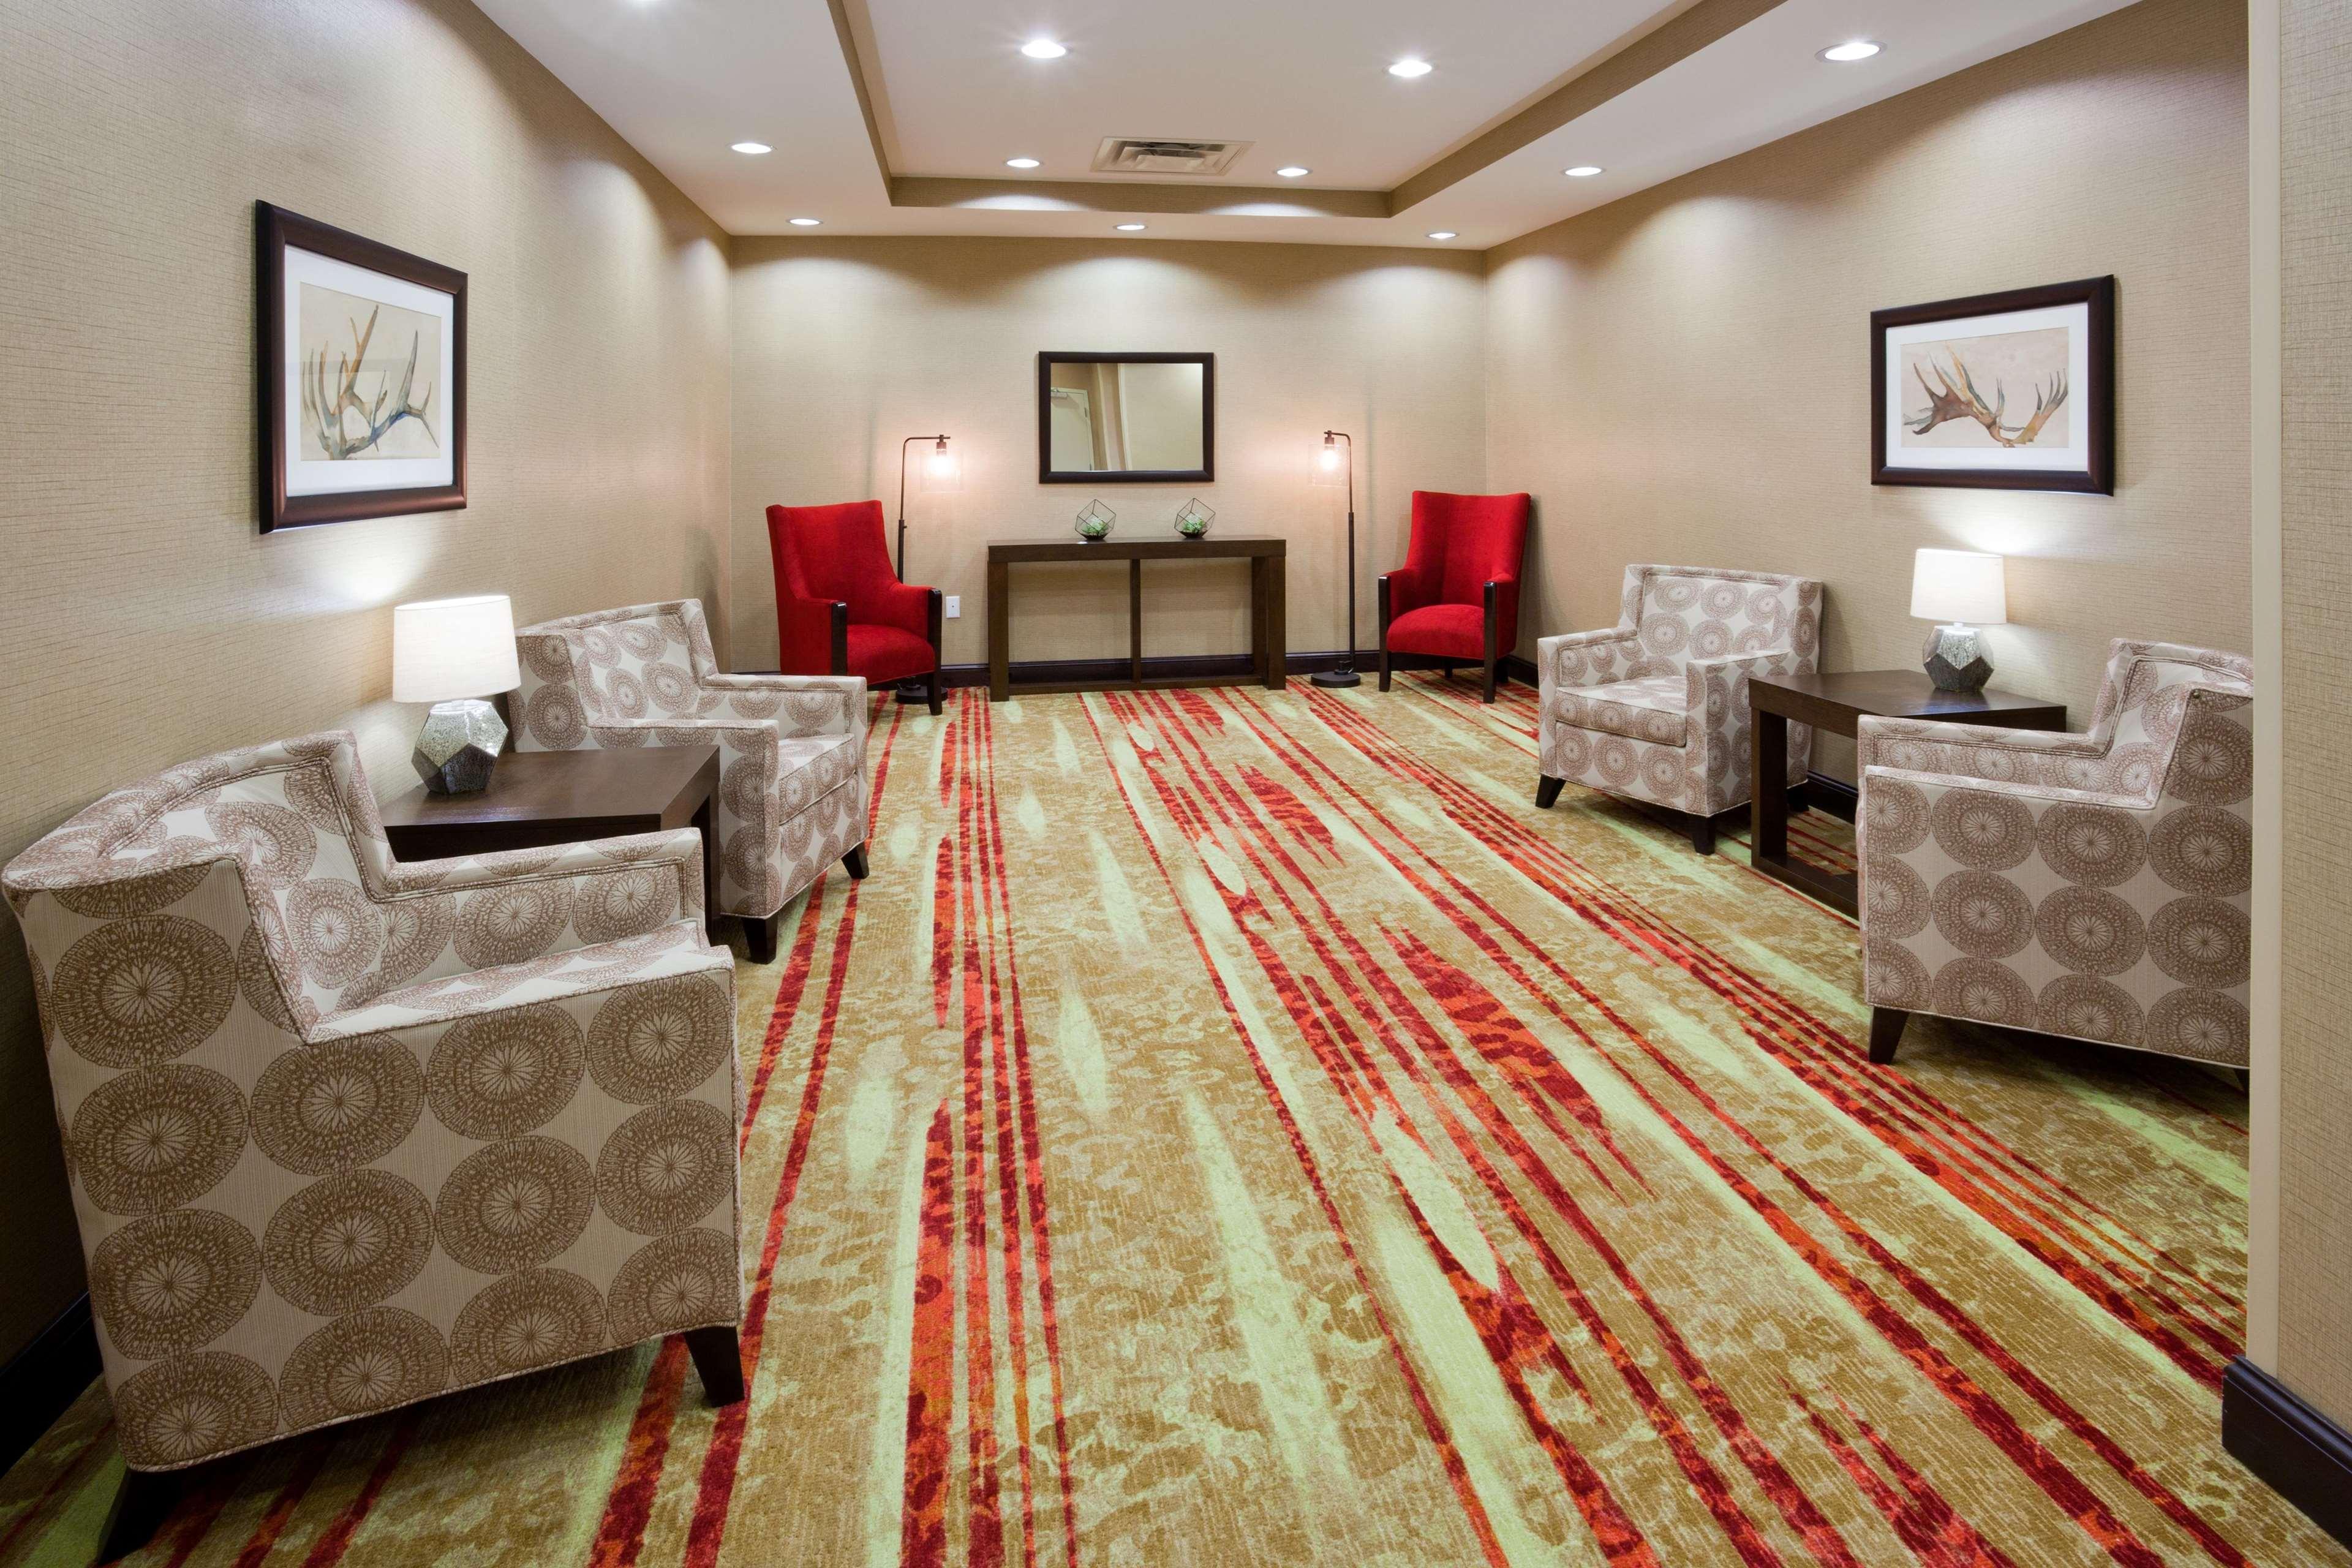 Homewood Suites by Hilton Davenport image 10